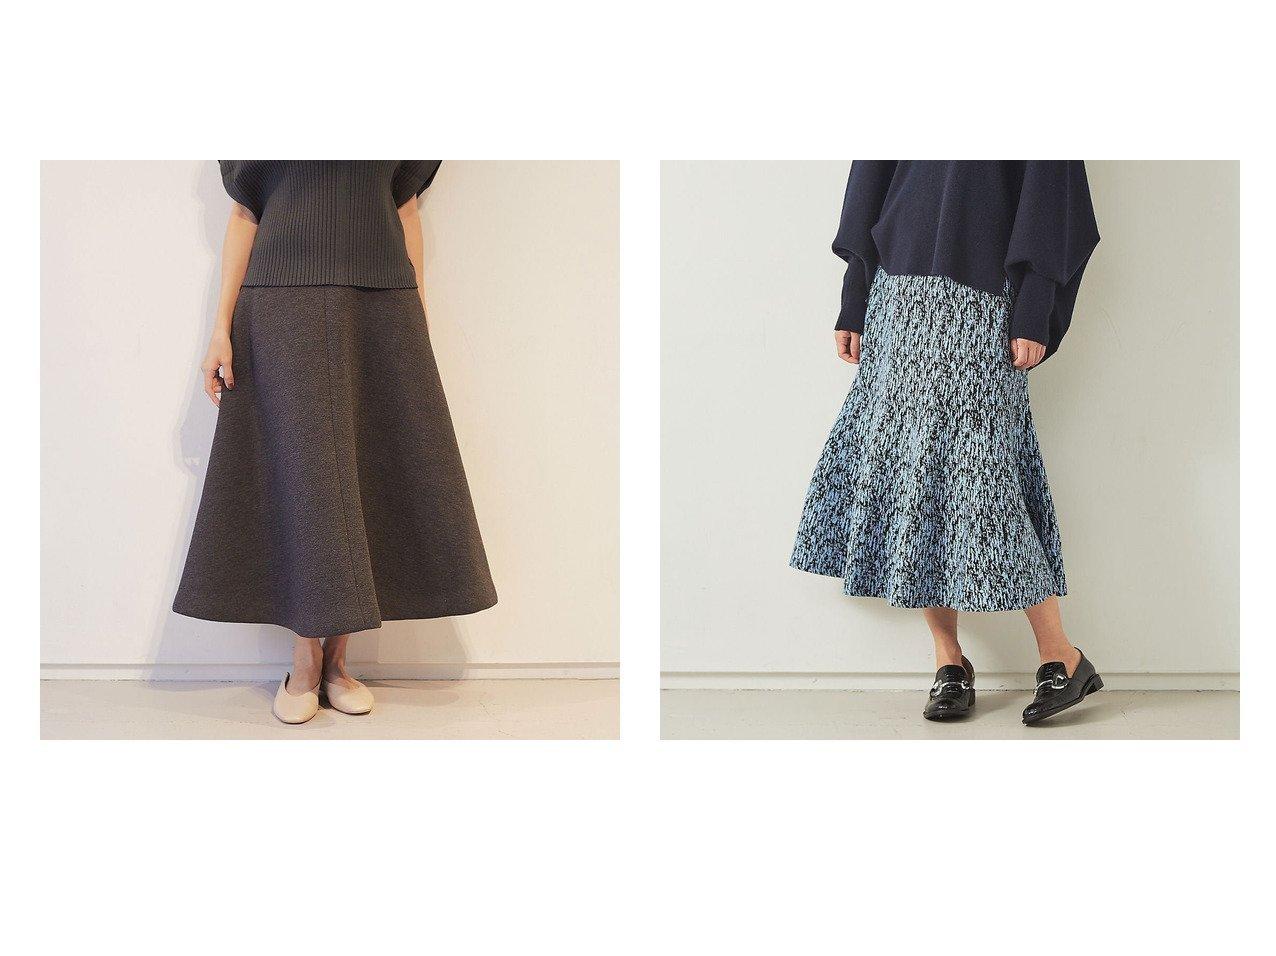 【Rouge vif la cle/ルージュヴィフラクレ】の【BRAHMIN】ジャガードニットスカート&【BRAHMIN】ダンボールフレアスカート スカートのおすすめ!人気、トレンド・レディースファッションの通販 おすすめで人気の流行・トレンド、ファッションの通販商品 メンズファッション・キッズファッション・インテリア・家具・レディースファッション・服の通販 founy(ファニー) https://founy.com/ ファッション Fashion レディースファッション WOMEN スカート Skirt Aライン/フレアスカート Flared A-Line Skirts 2020年 2020 2020-2021 秋冬 A/W AW Autumn/Winter / FW Fall-Winter 2020-2021 A/W 秋冬 AW Autumn/Winter / FW Fall-Winter スウェット トレンド フレア ベーシック アクリル シンプル フェミニン |ID:crp329100000016094